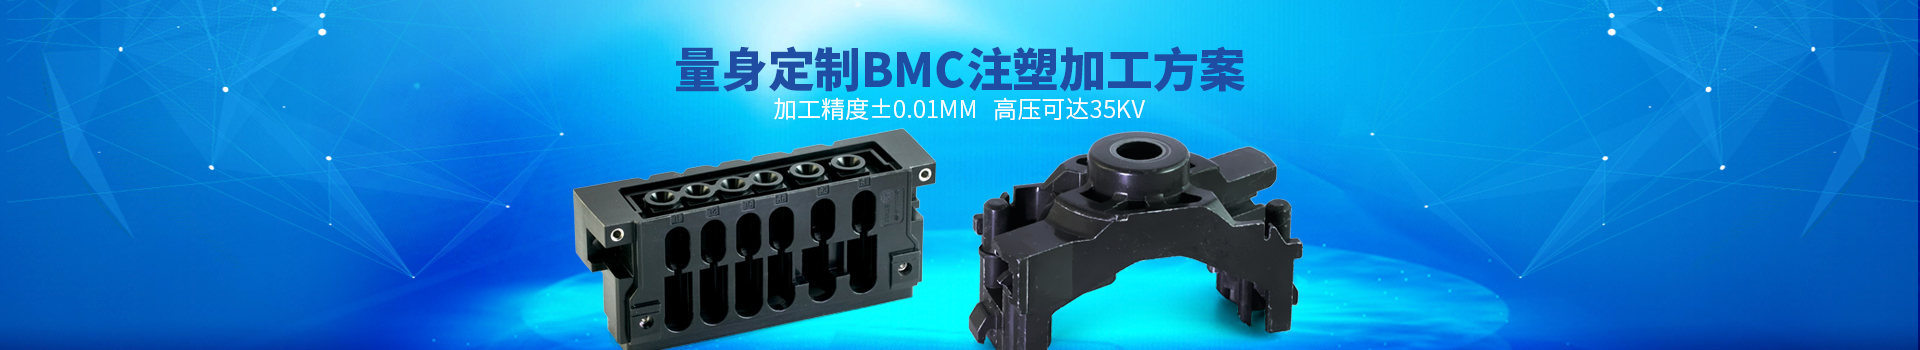 德威铸造-量身定制BMC注塑加工方案